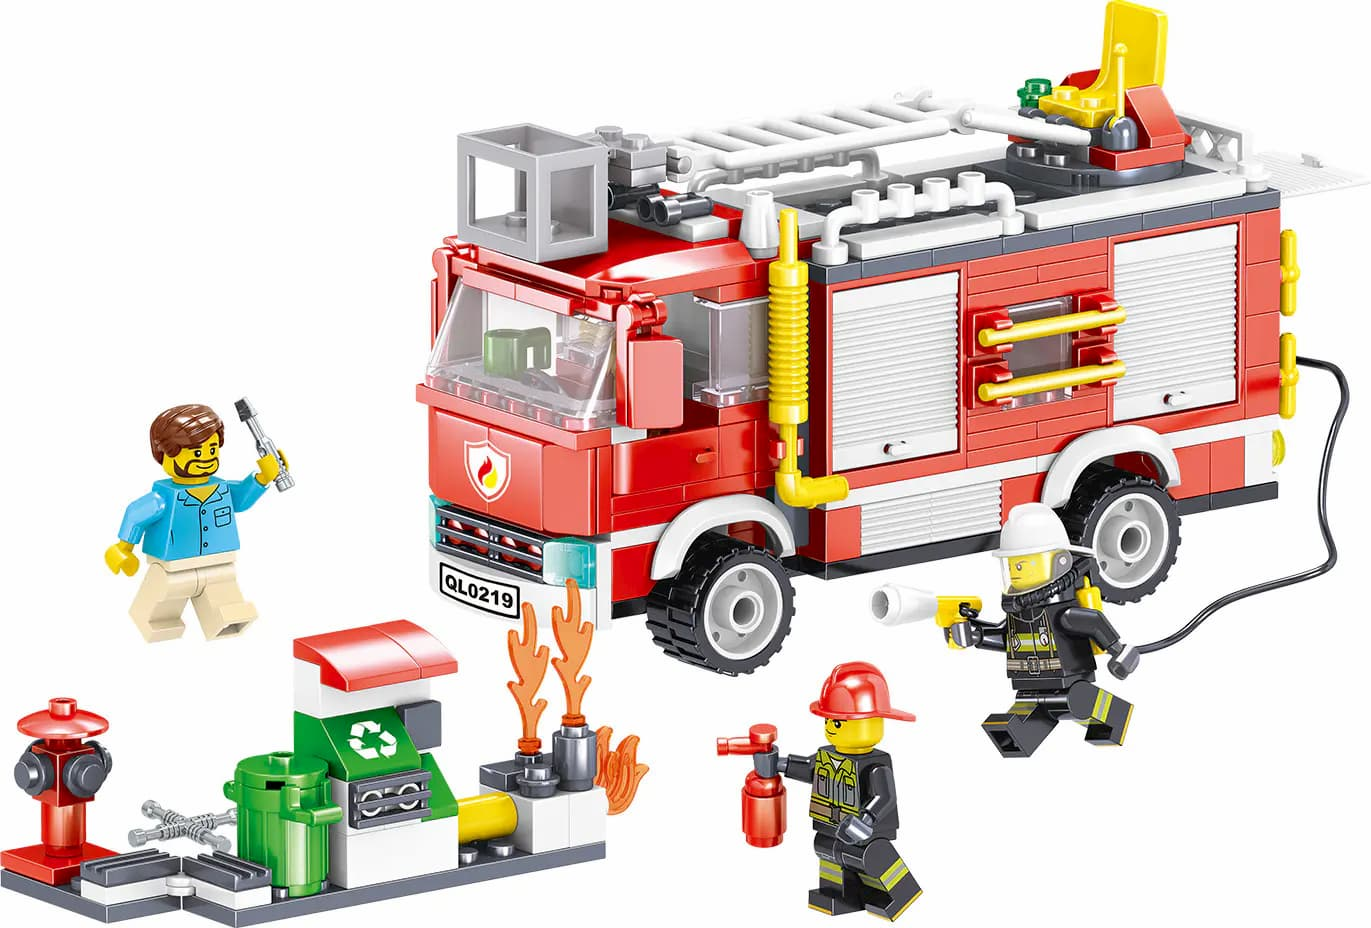 Конструктор Zhe Gao «Пожарный патруль» QL0219 (City Hero) / 370 деталей